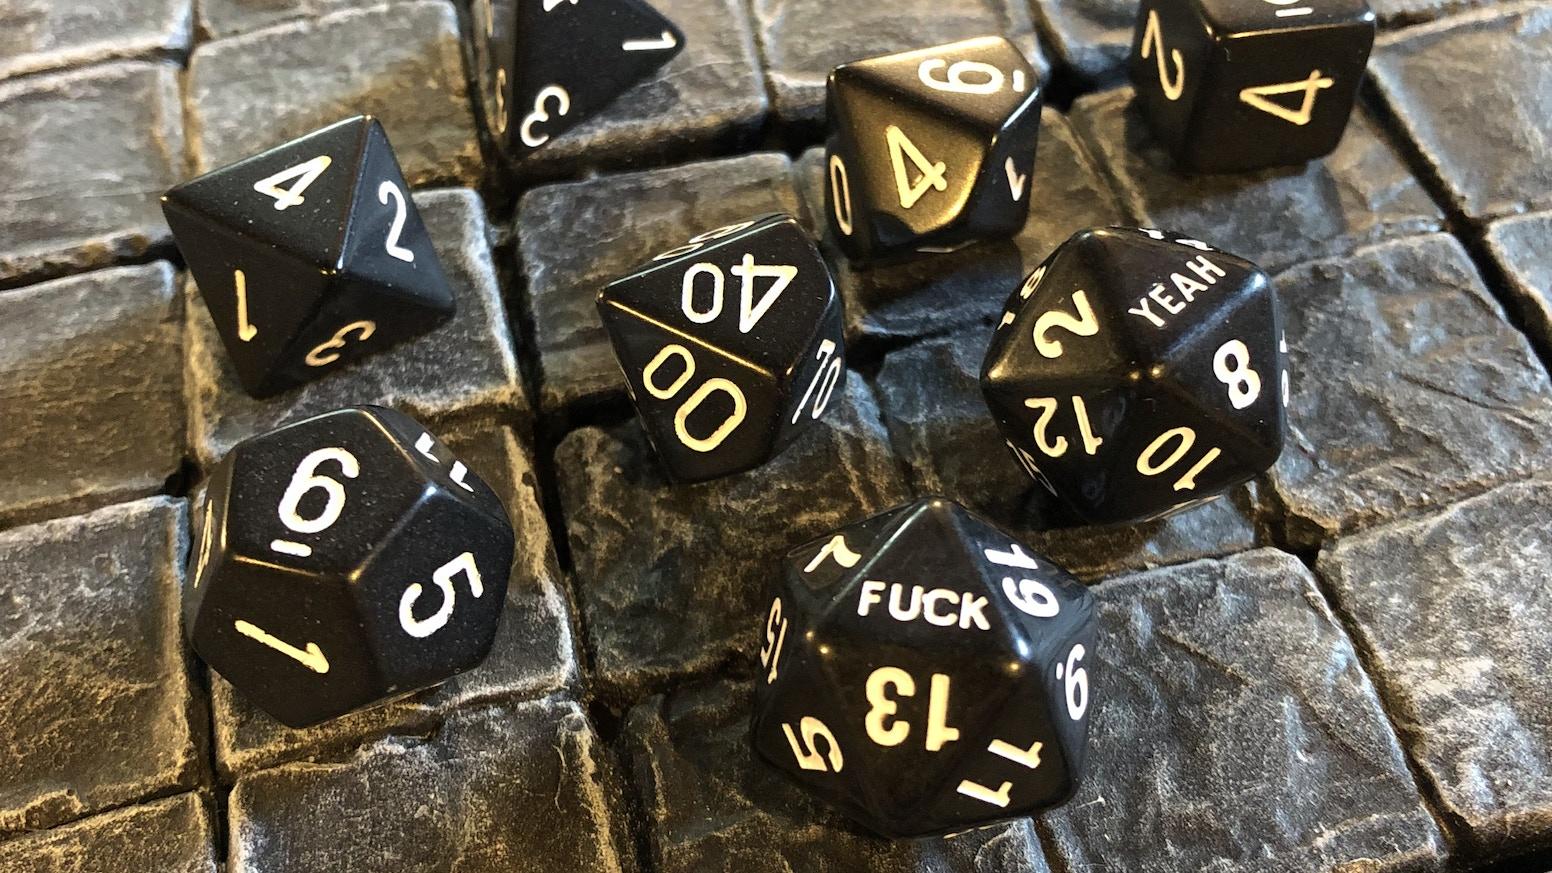 2 D20s per set of black polyhedral dice